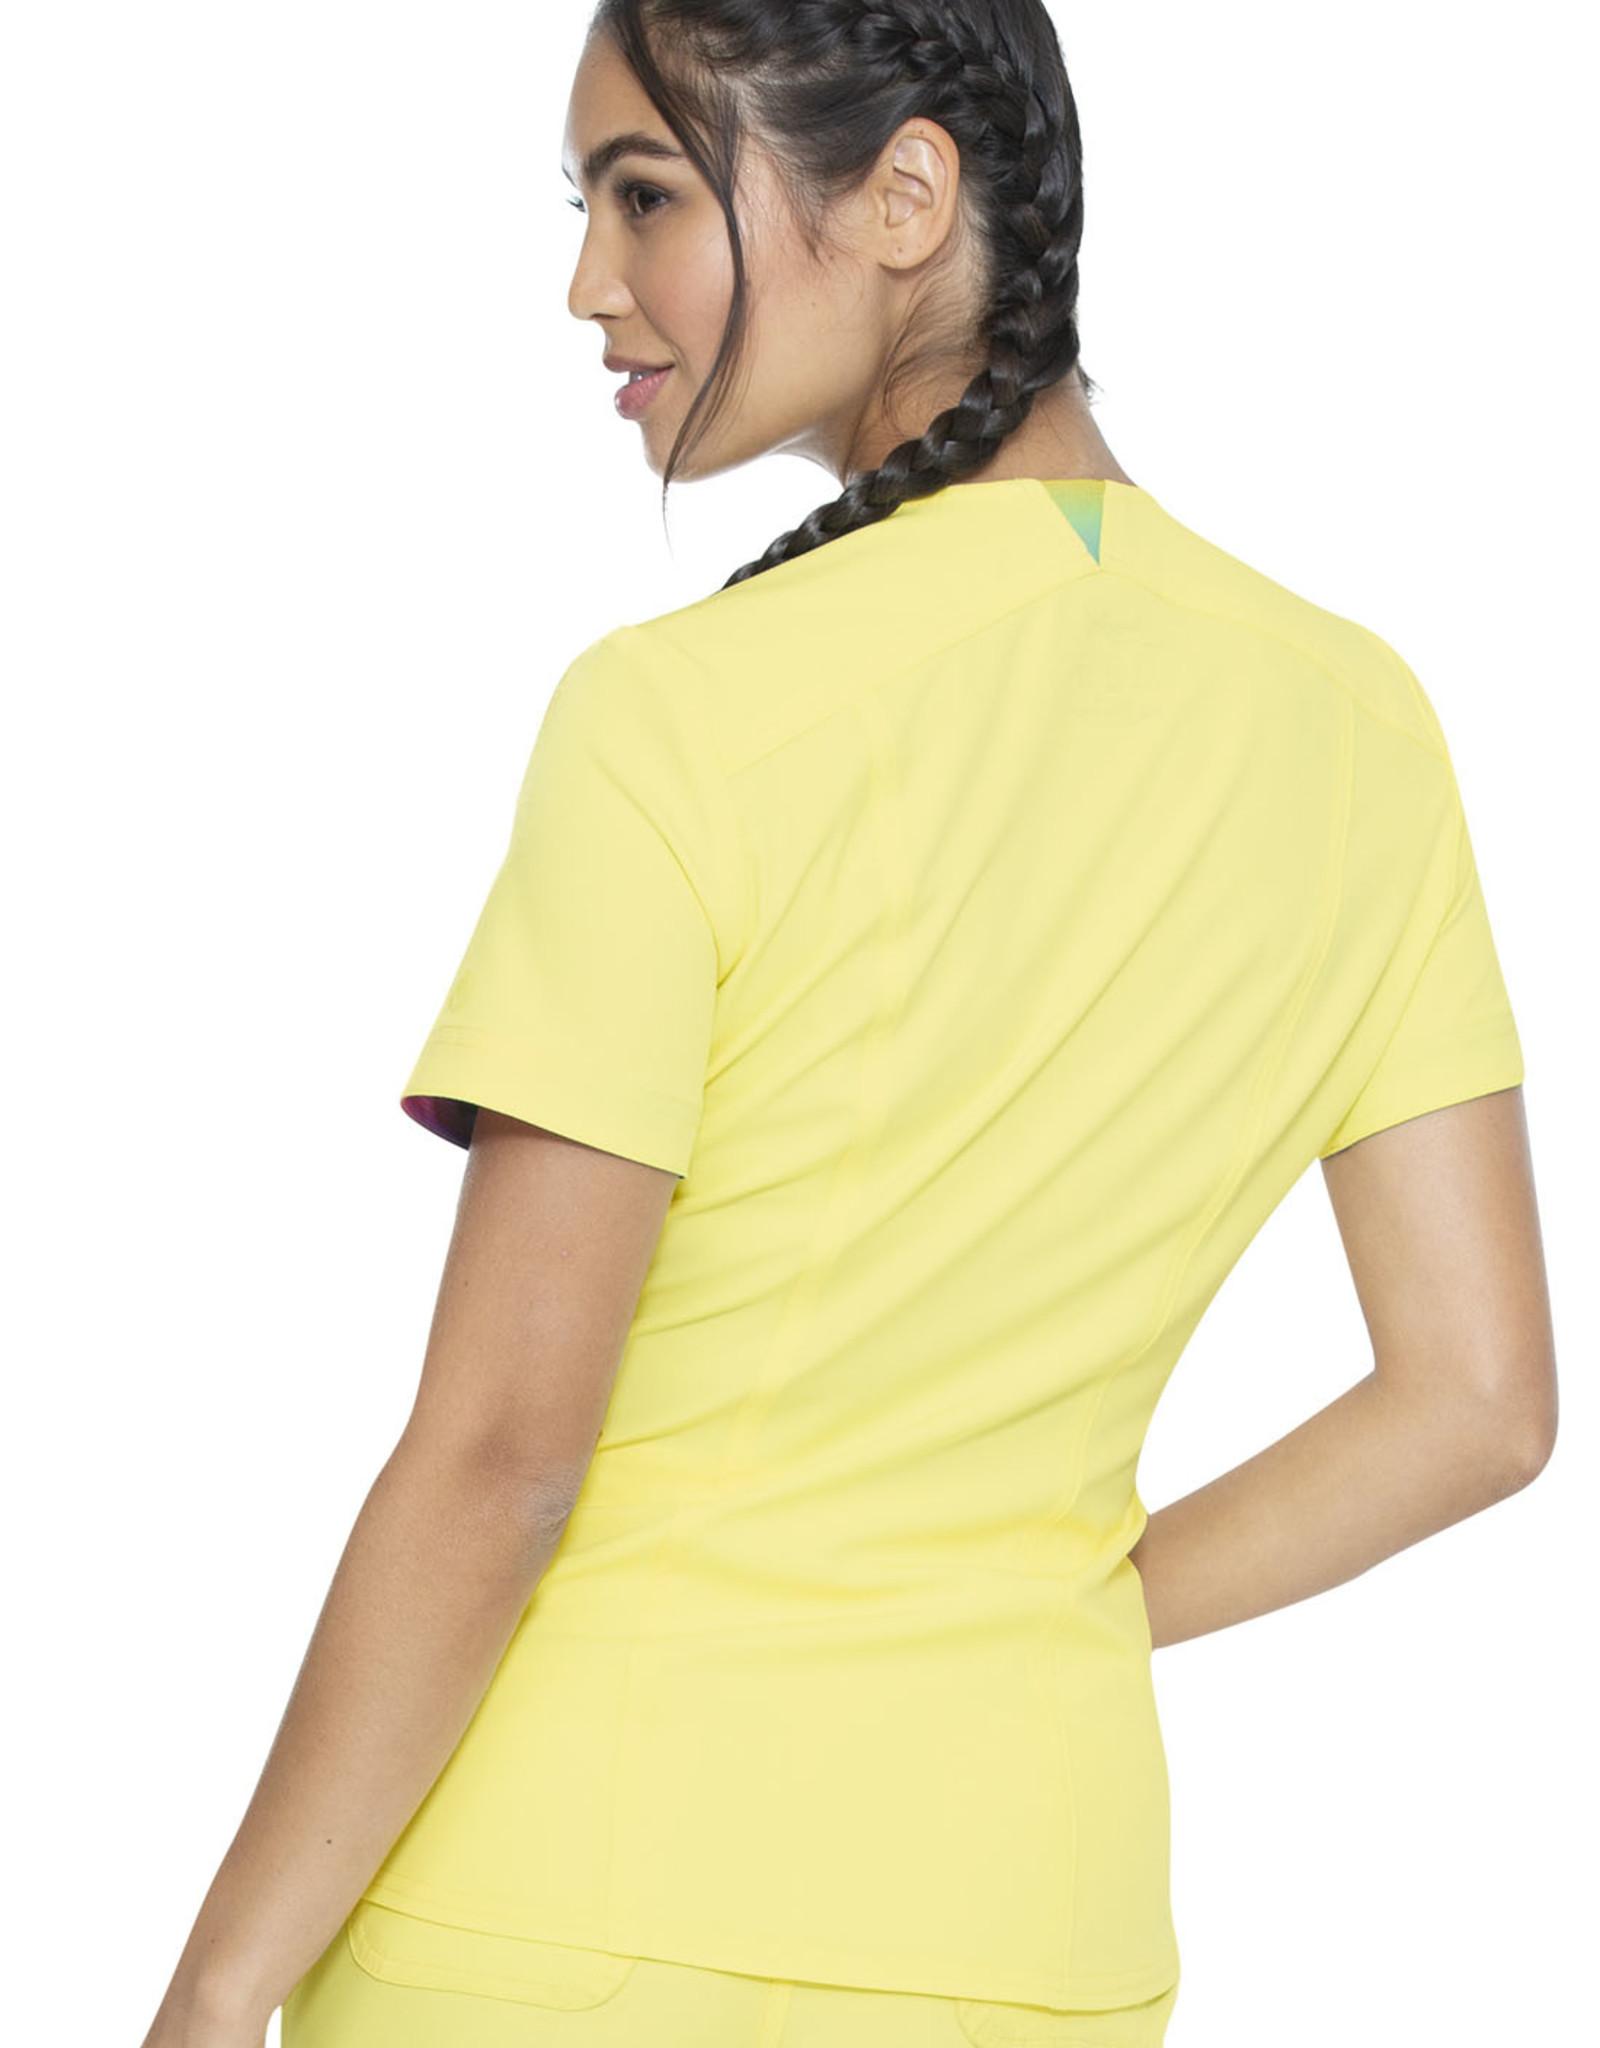 HeartSoul HS799 V-Neck Top Sunny Vibe